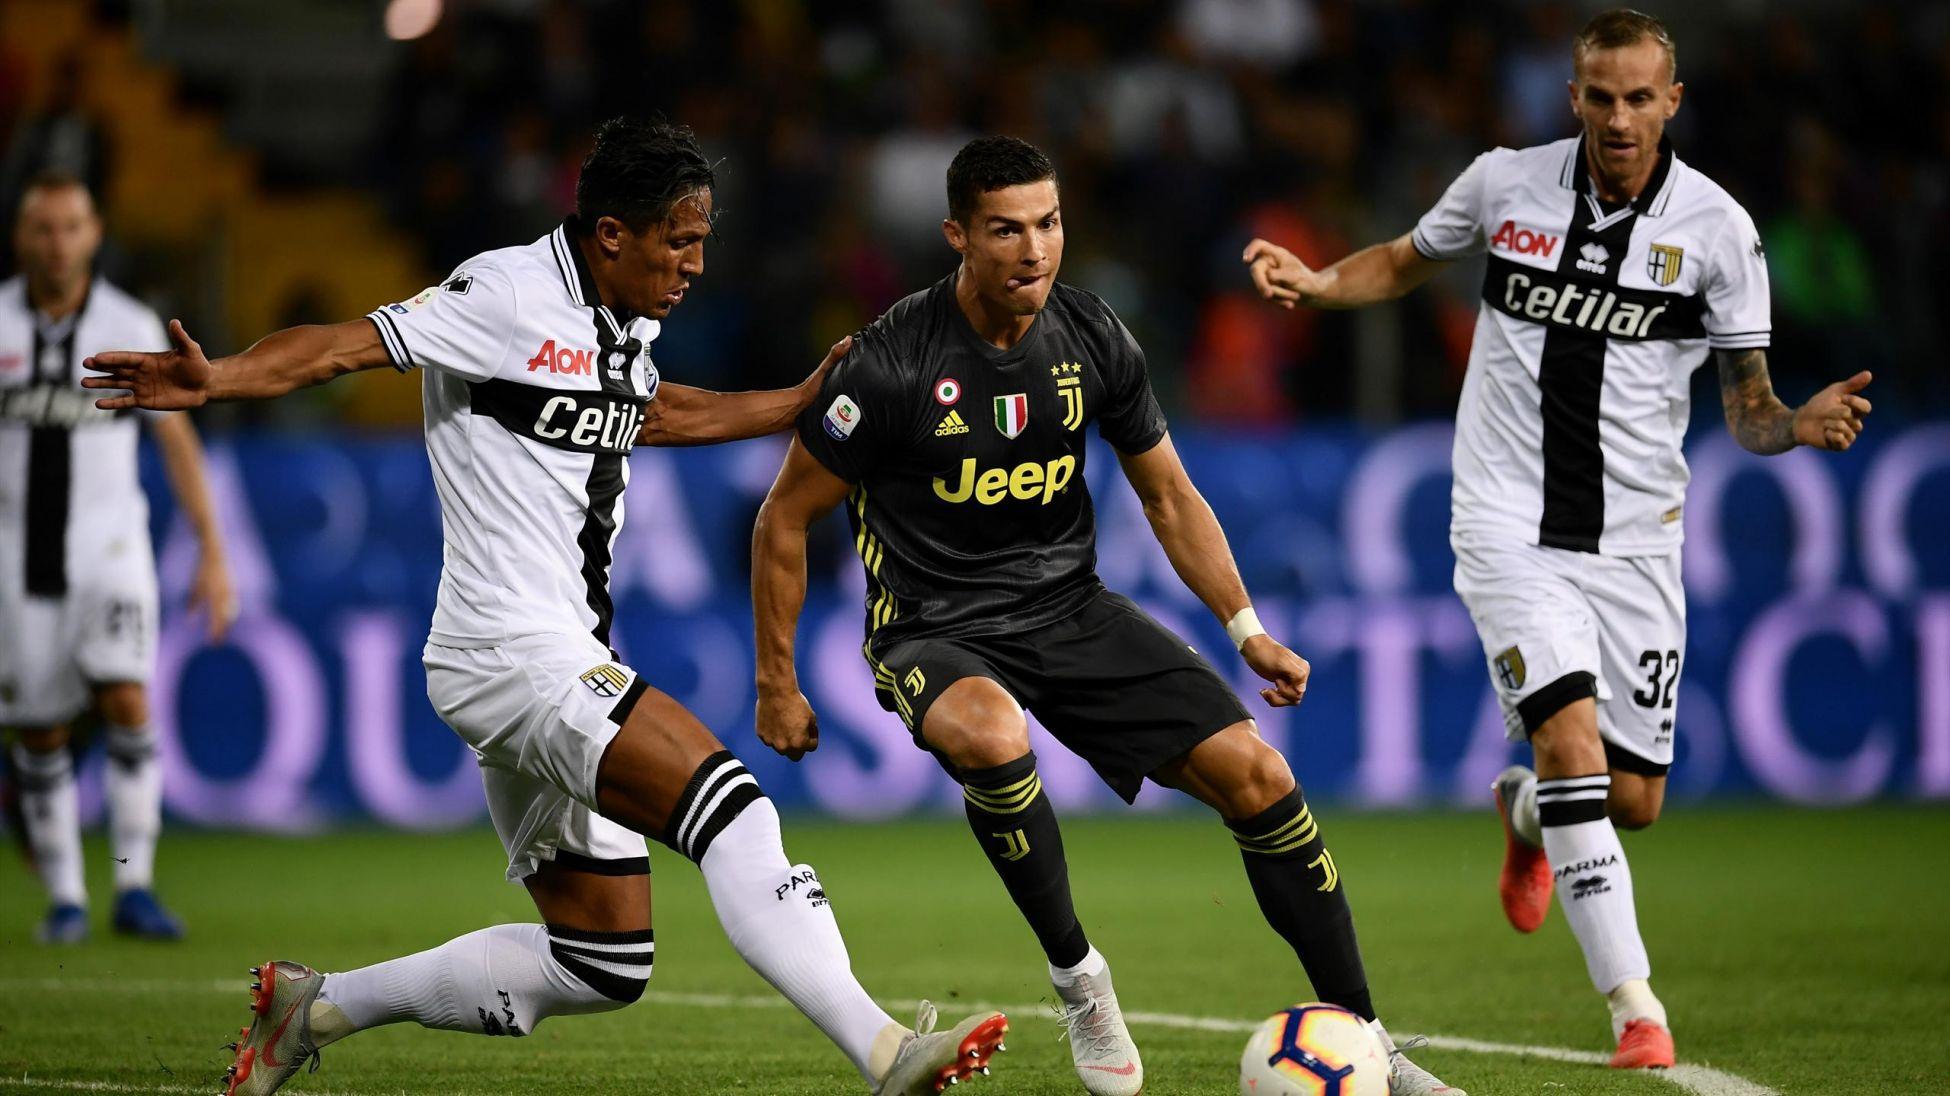 Mercato - Real Madrid : Lopetegui répond à Messi sur le dossier Cristiano Ronaldo !